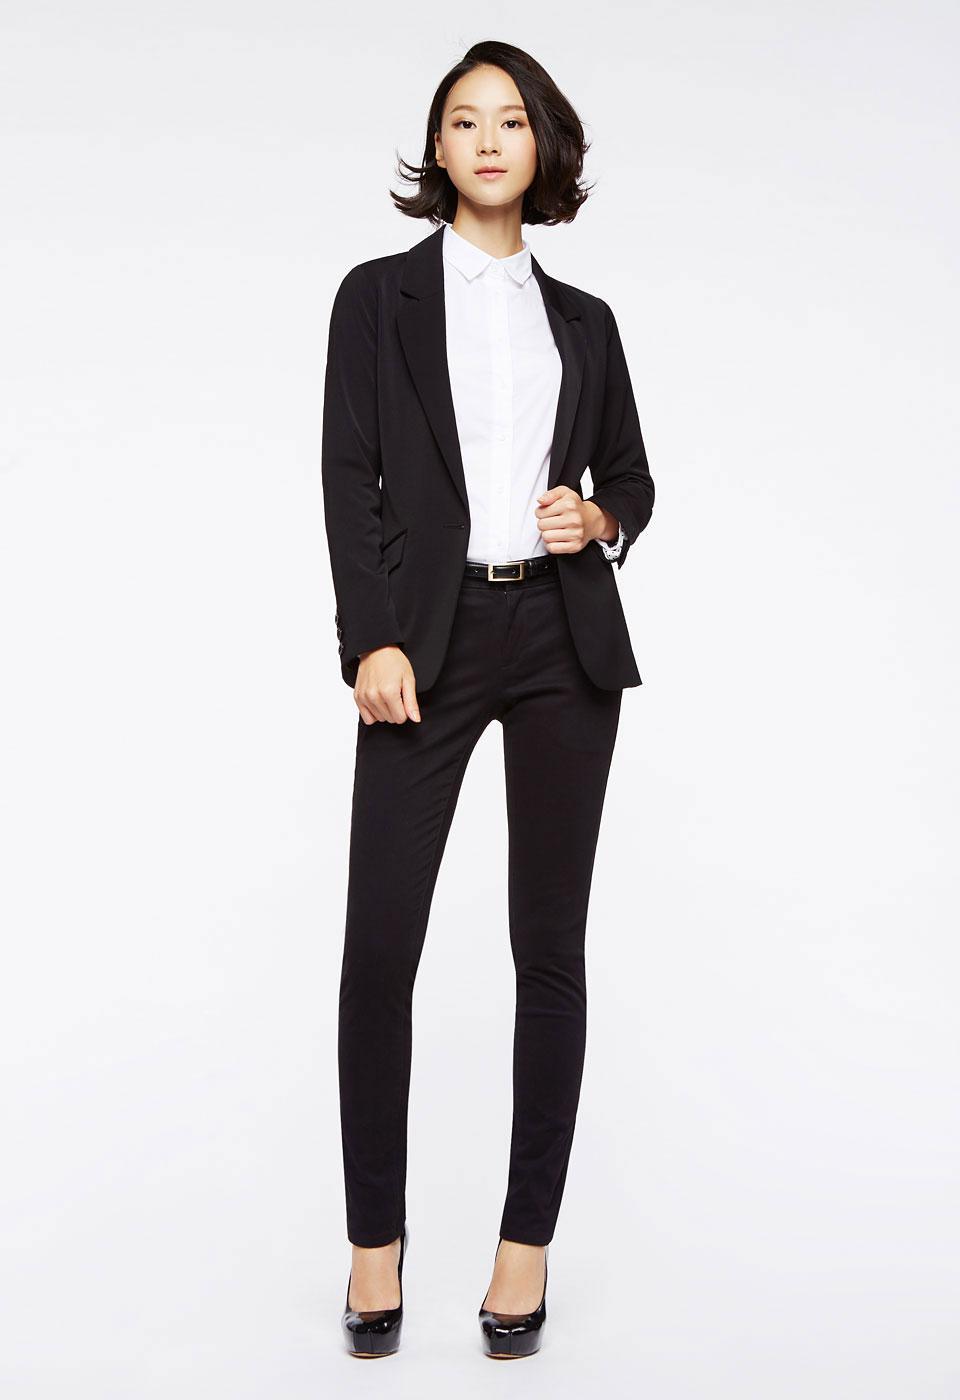 女西装外套_白西装女短款选什么牌子好 同款好推荐